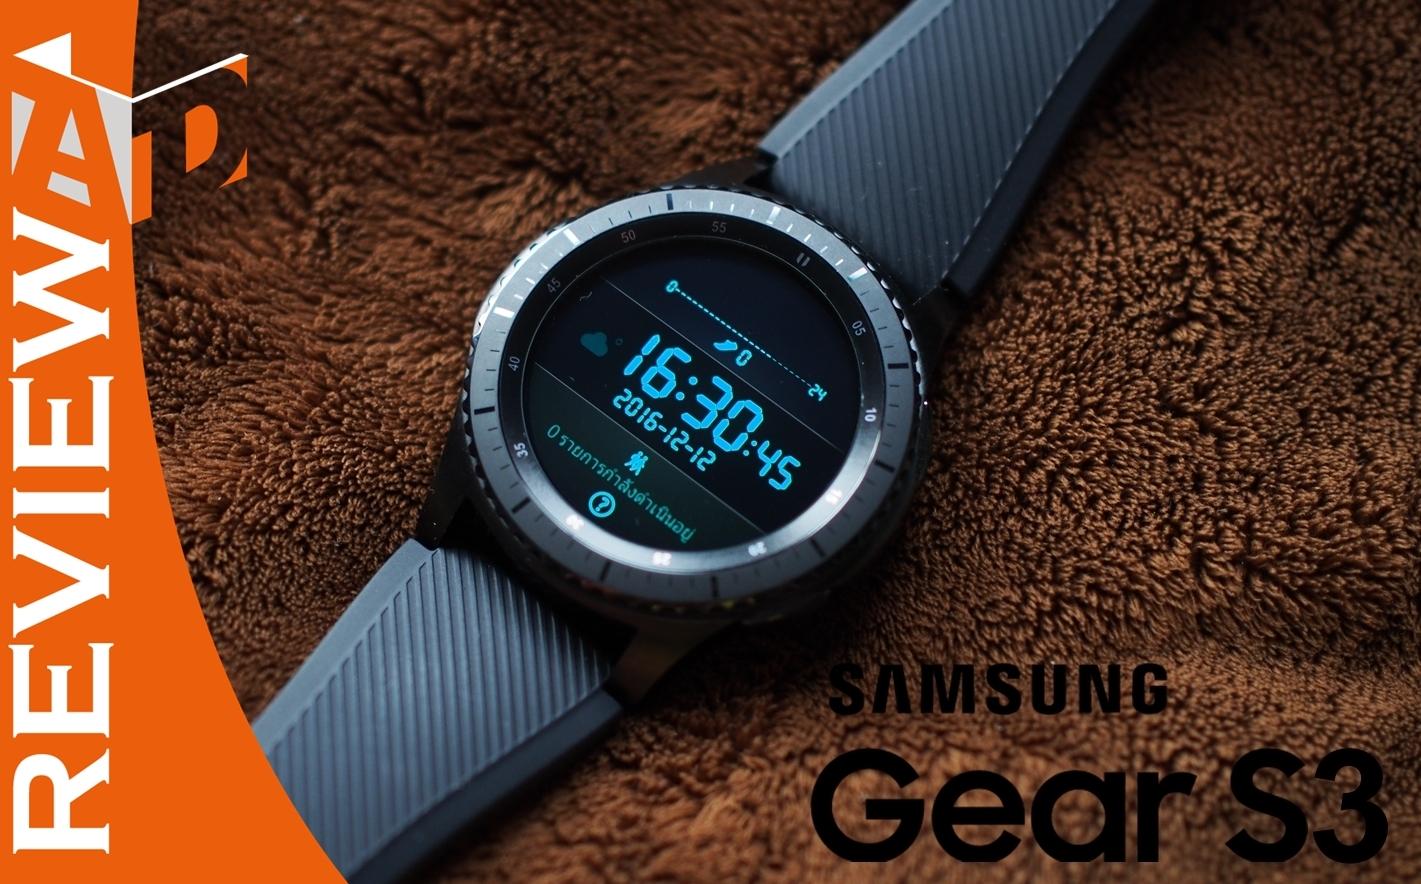 รีวิว Samsung Gear S3 Frontier ฉลาด ดุดัน สวยงาม กันน้ำ